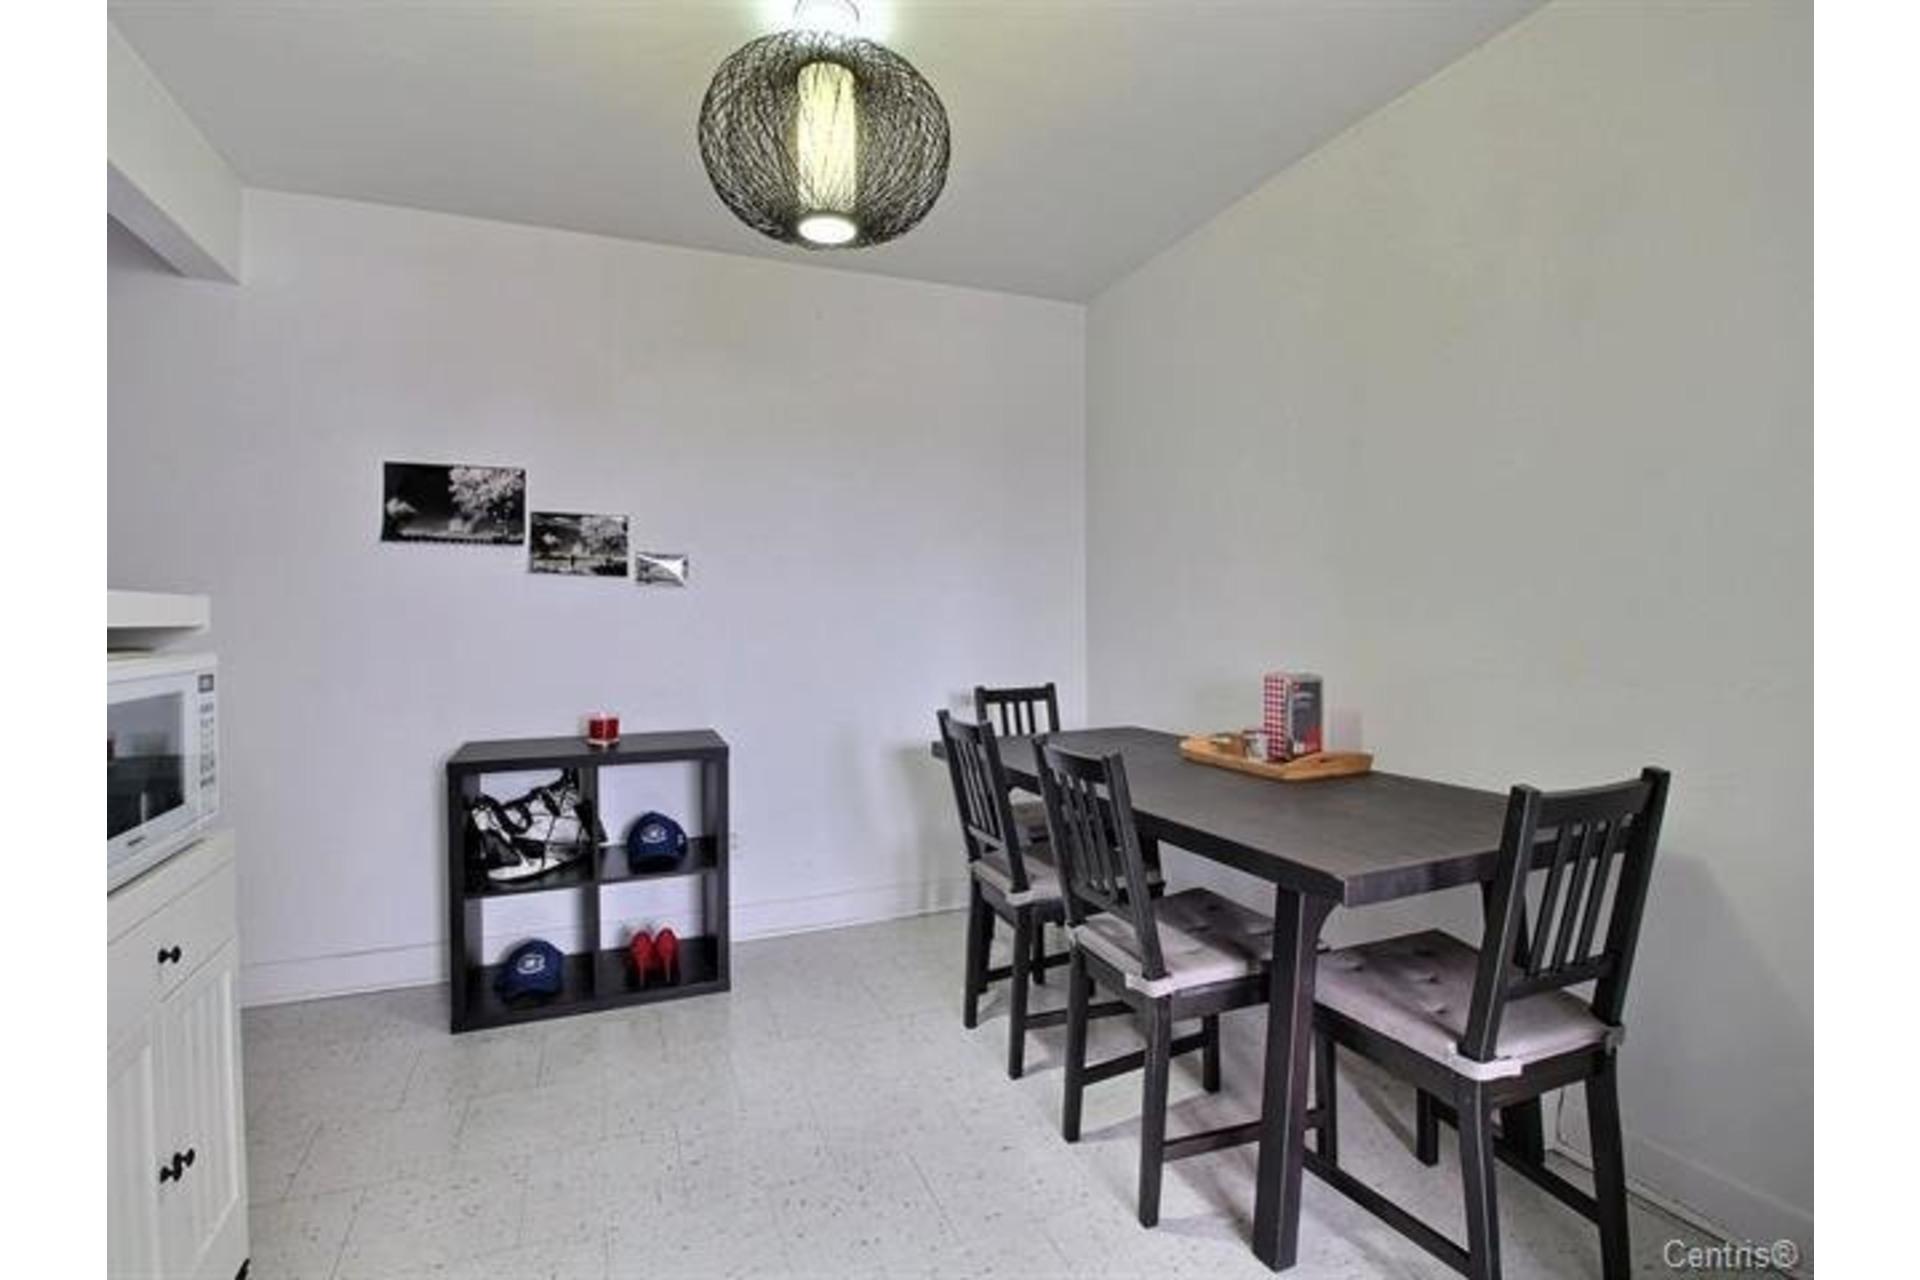 image 8 - Apartment For rent Montréal Mercier/Hochelaga-Maisonneuve  - 7 rooms